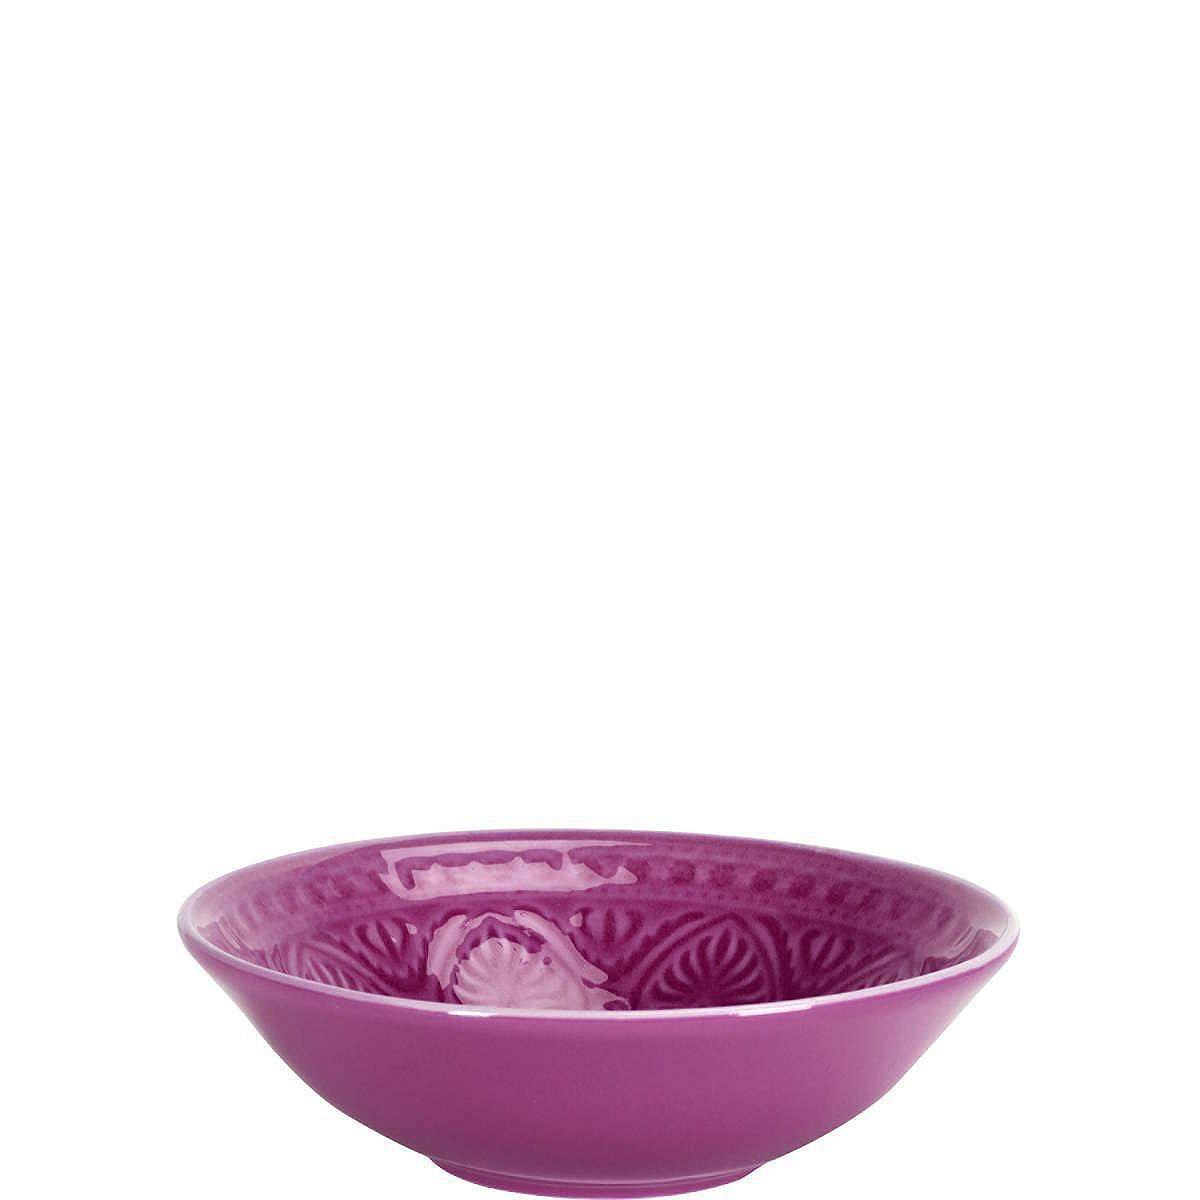 SUMATRA Schale    Neu in der Serie Sumatra sind die prächtigen Keramikschalen und -teller mit traditionellem, leicht Relief-artigen Dekor. Jedes Teil ist handbemalt, die effektvoll glänzende Glasur in exotischen Farben (außen eher matt) unterstreicht die kostbare Optik. Was für ein sanfter Kontrast zu den sehr scharf gewürzten Speisen, die man in Padang und ganz Sumatra traditionell reicht.    ...